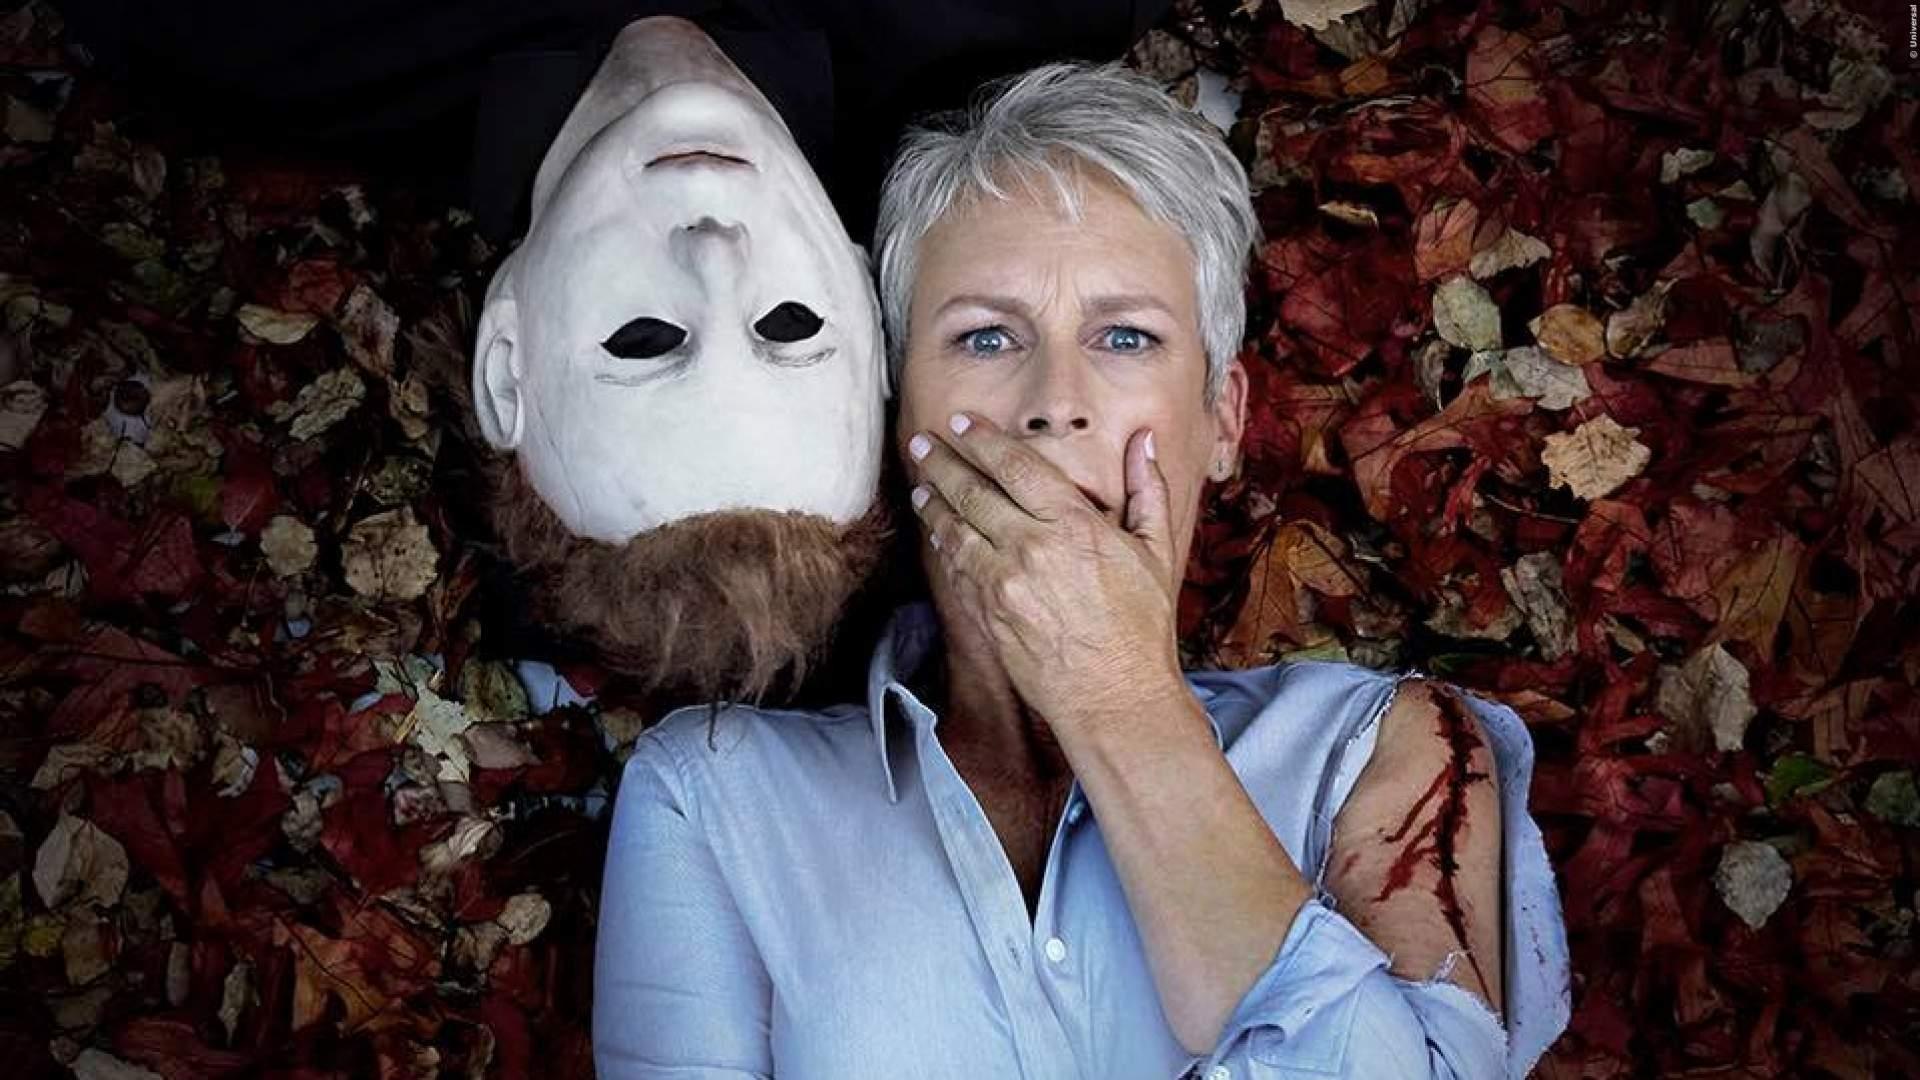 Halloween 2018: Neues Bild aufgetaucht - Bild 1 von 1